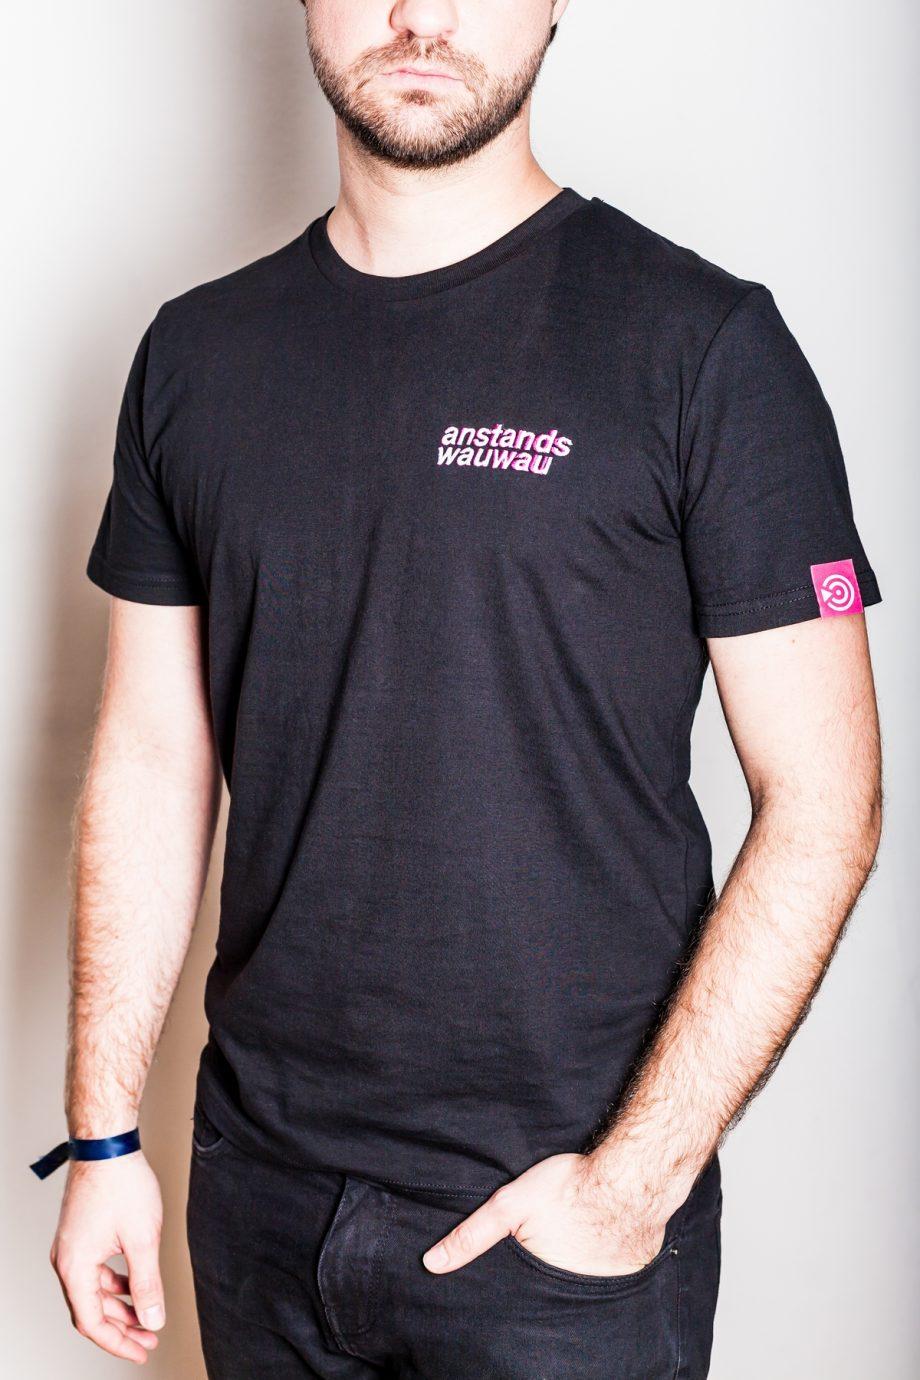 Schwanz&Ehrlich - anstandswauwau - T-Shirt